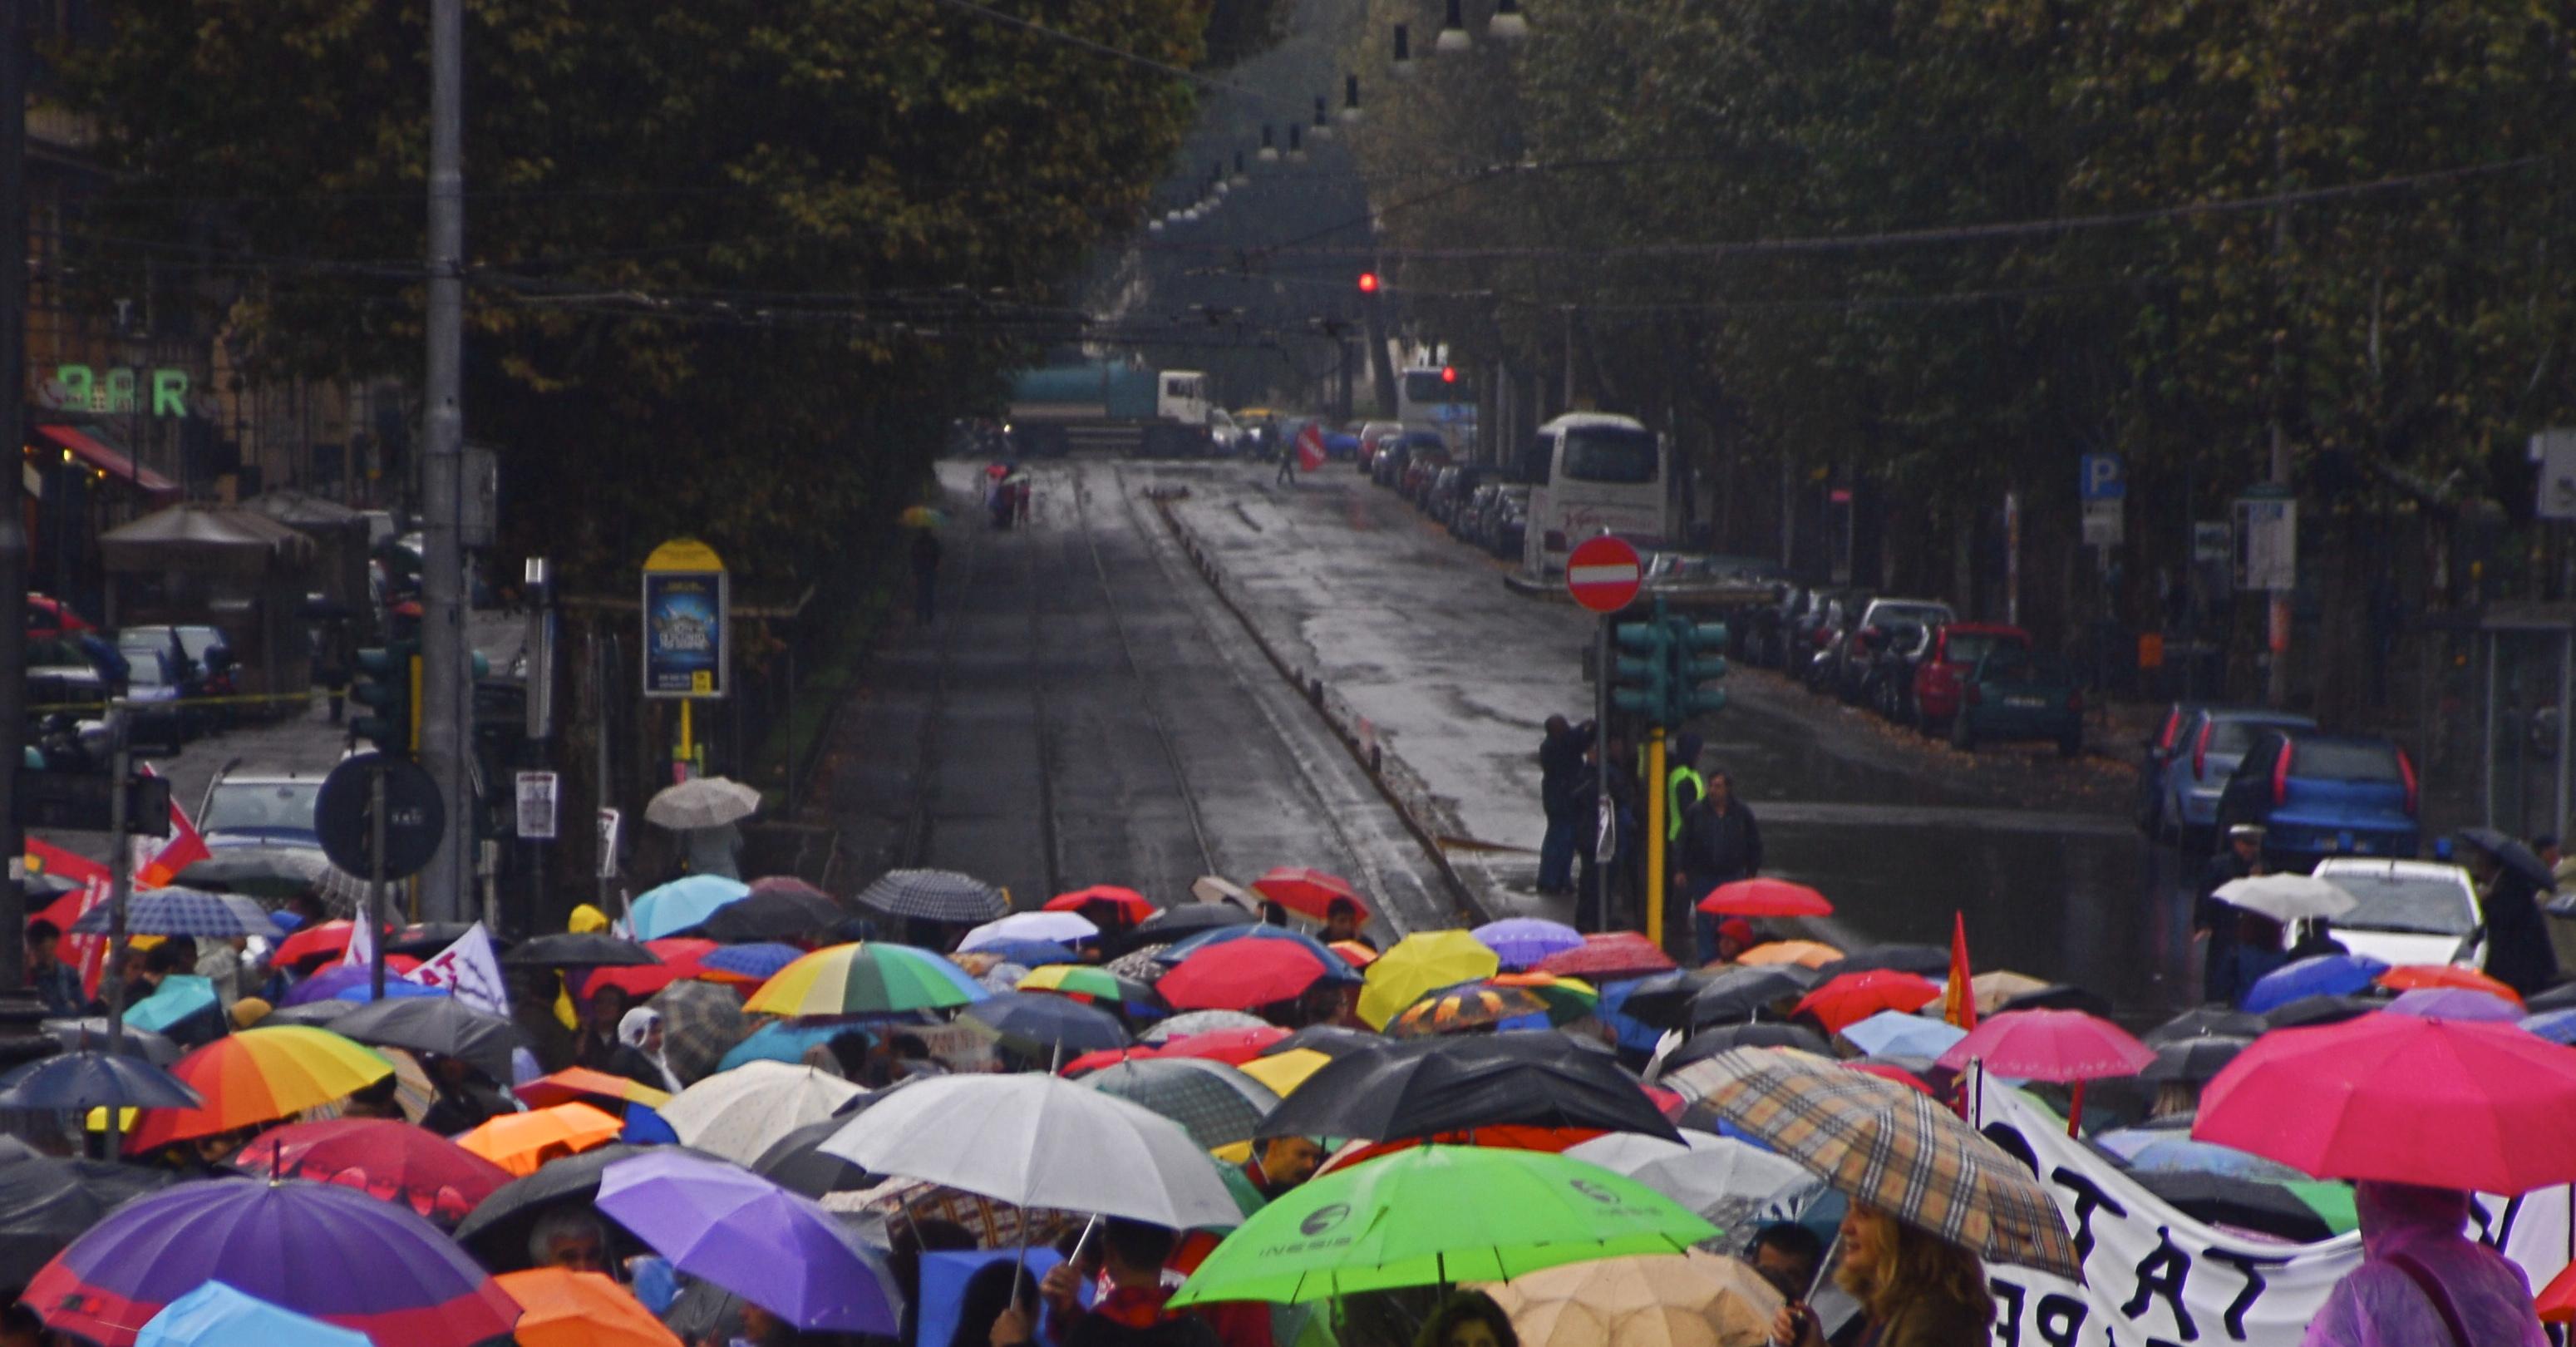 Foto di Valentina Perniciaro _Sciopero generale, 17 ottobre 2008_